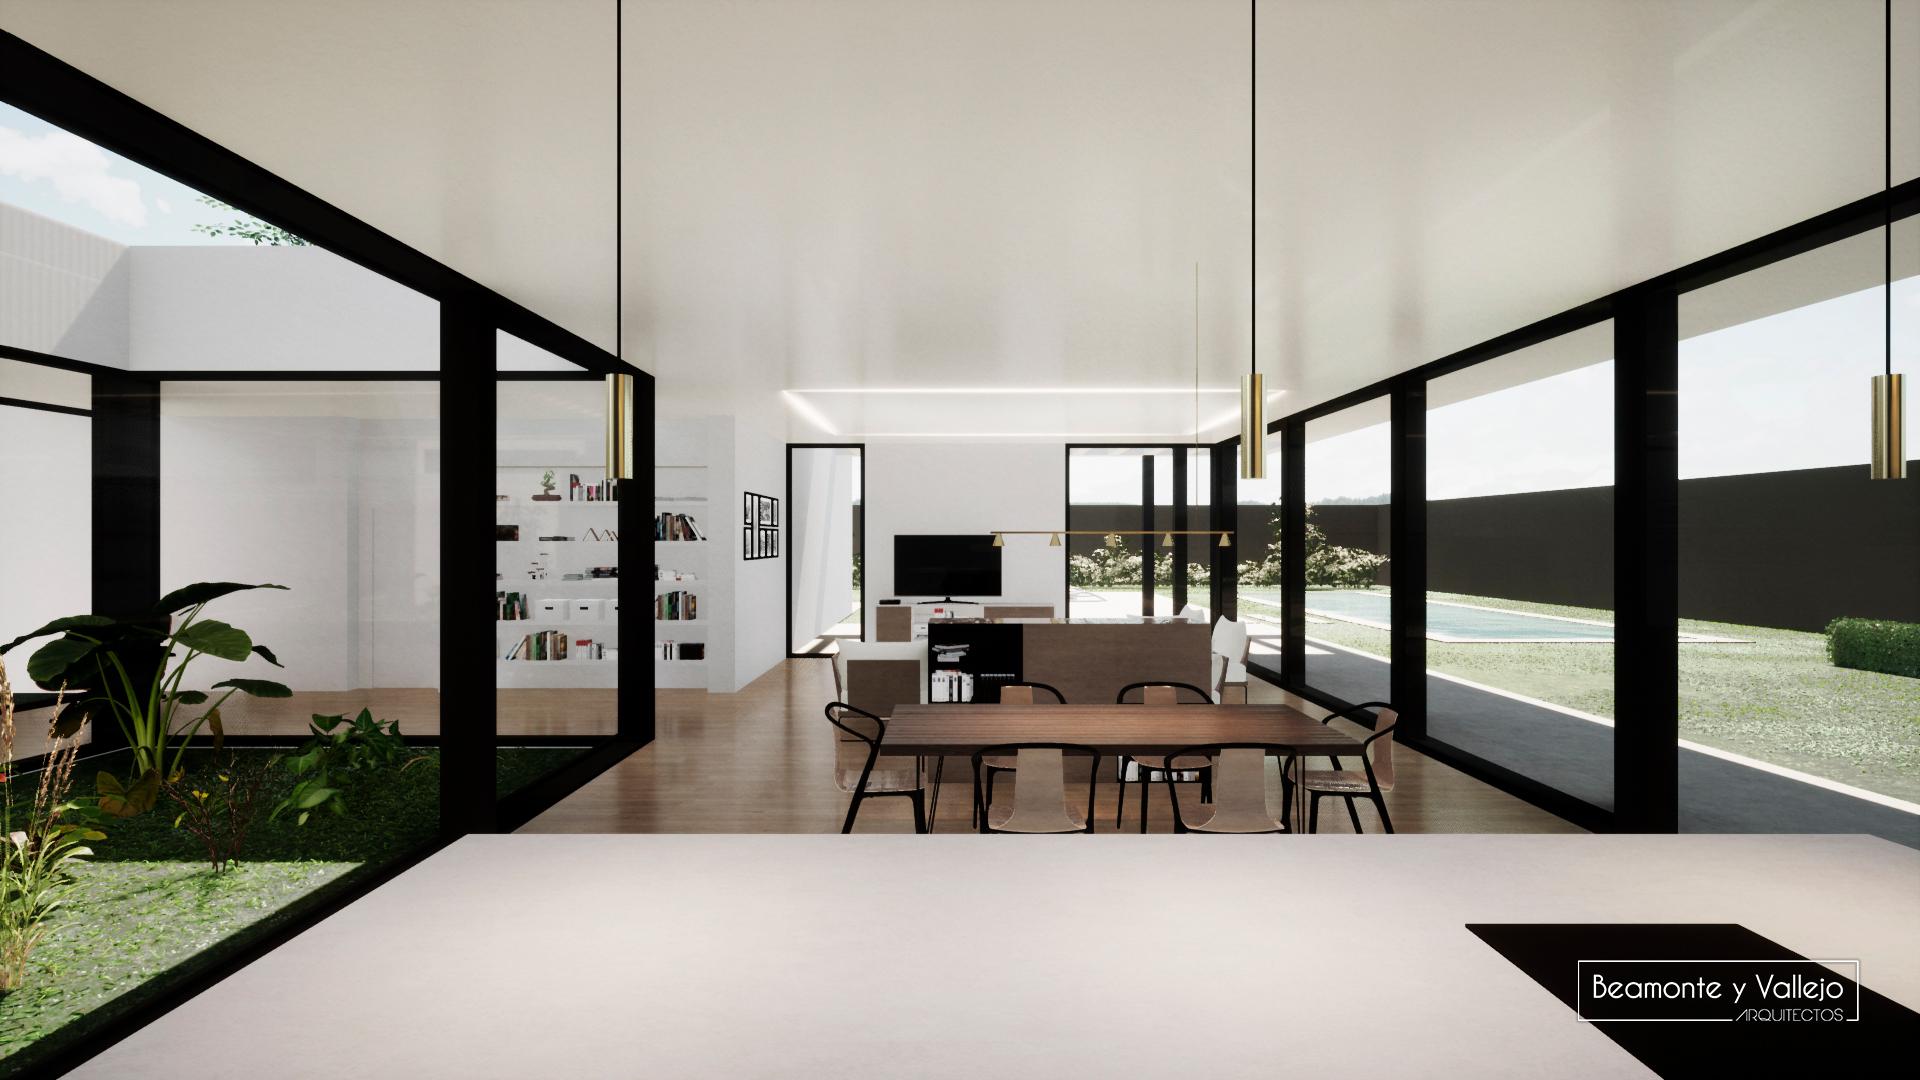 Beamonte y Vallejo Arquitectos - Passivhaus Zorongo I - 1